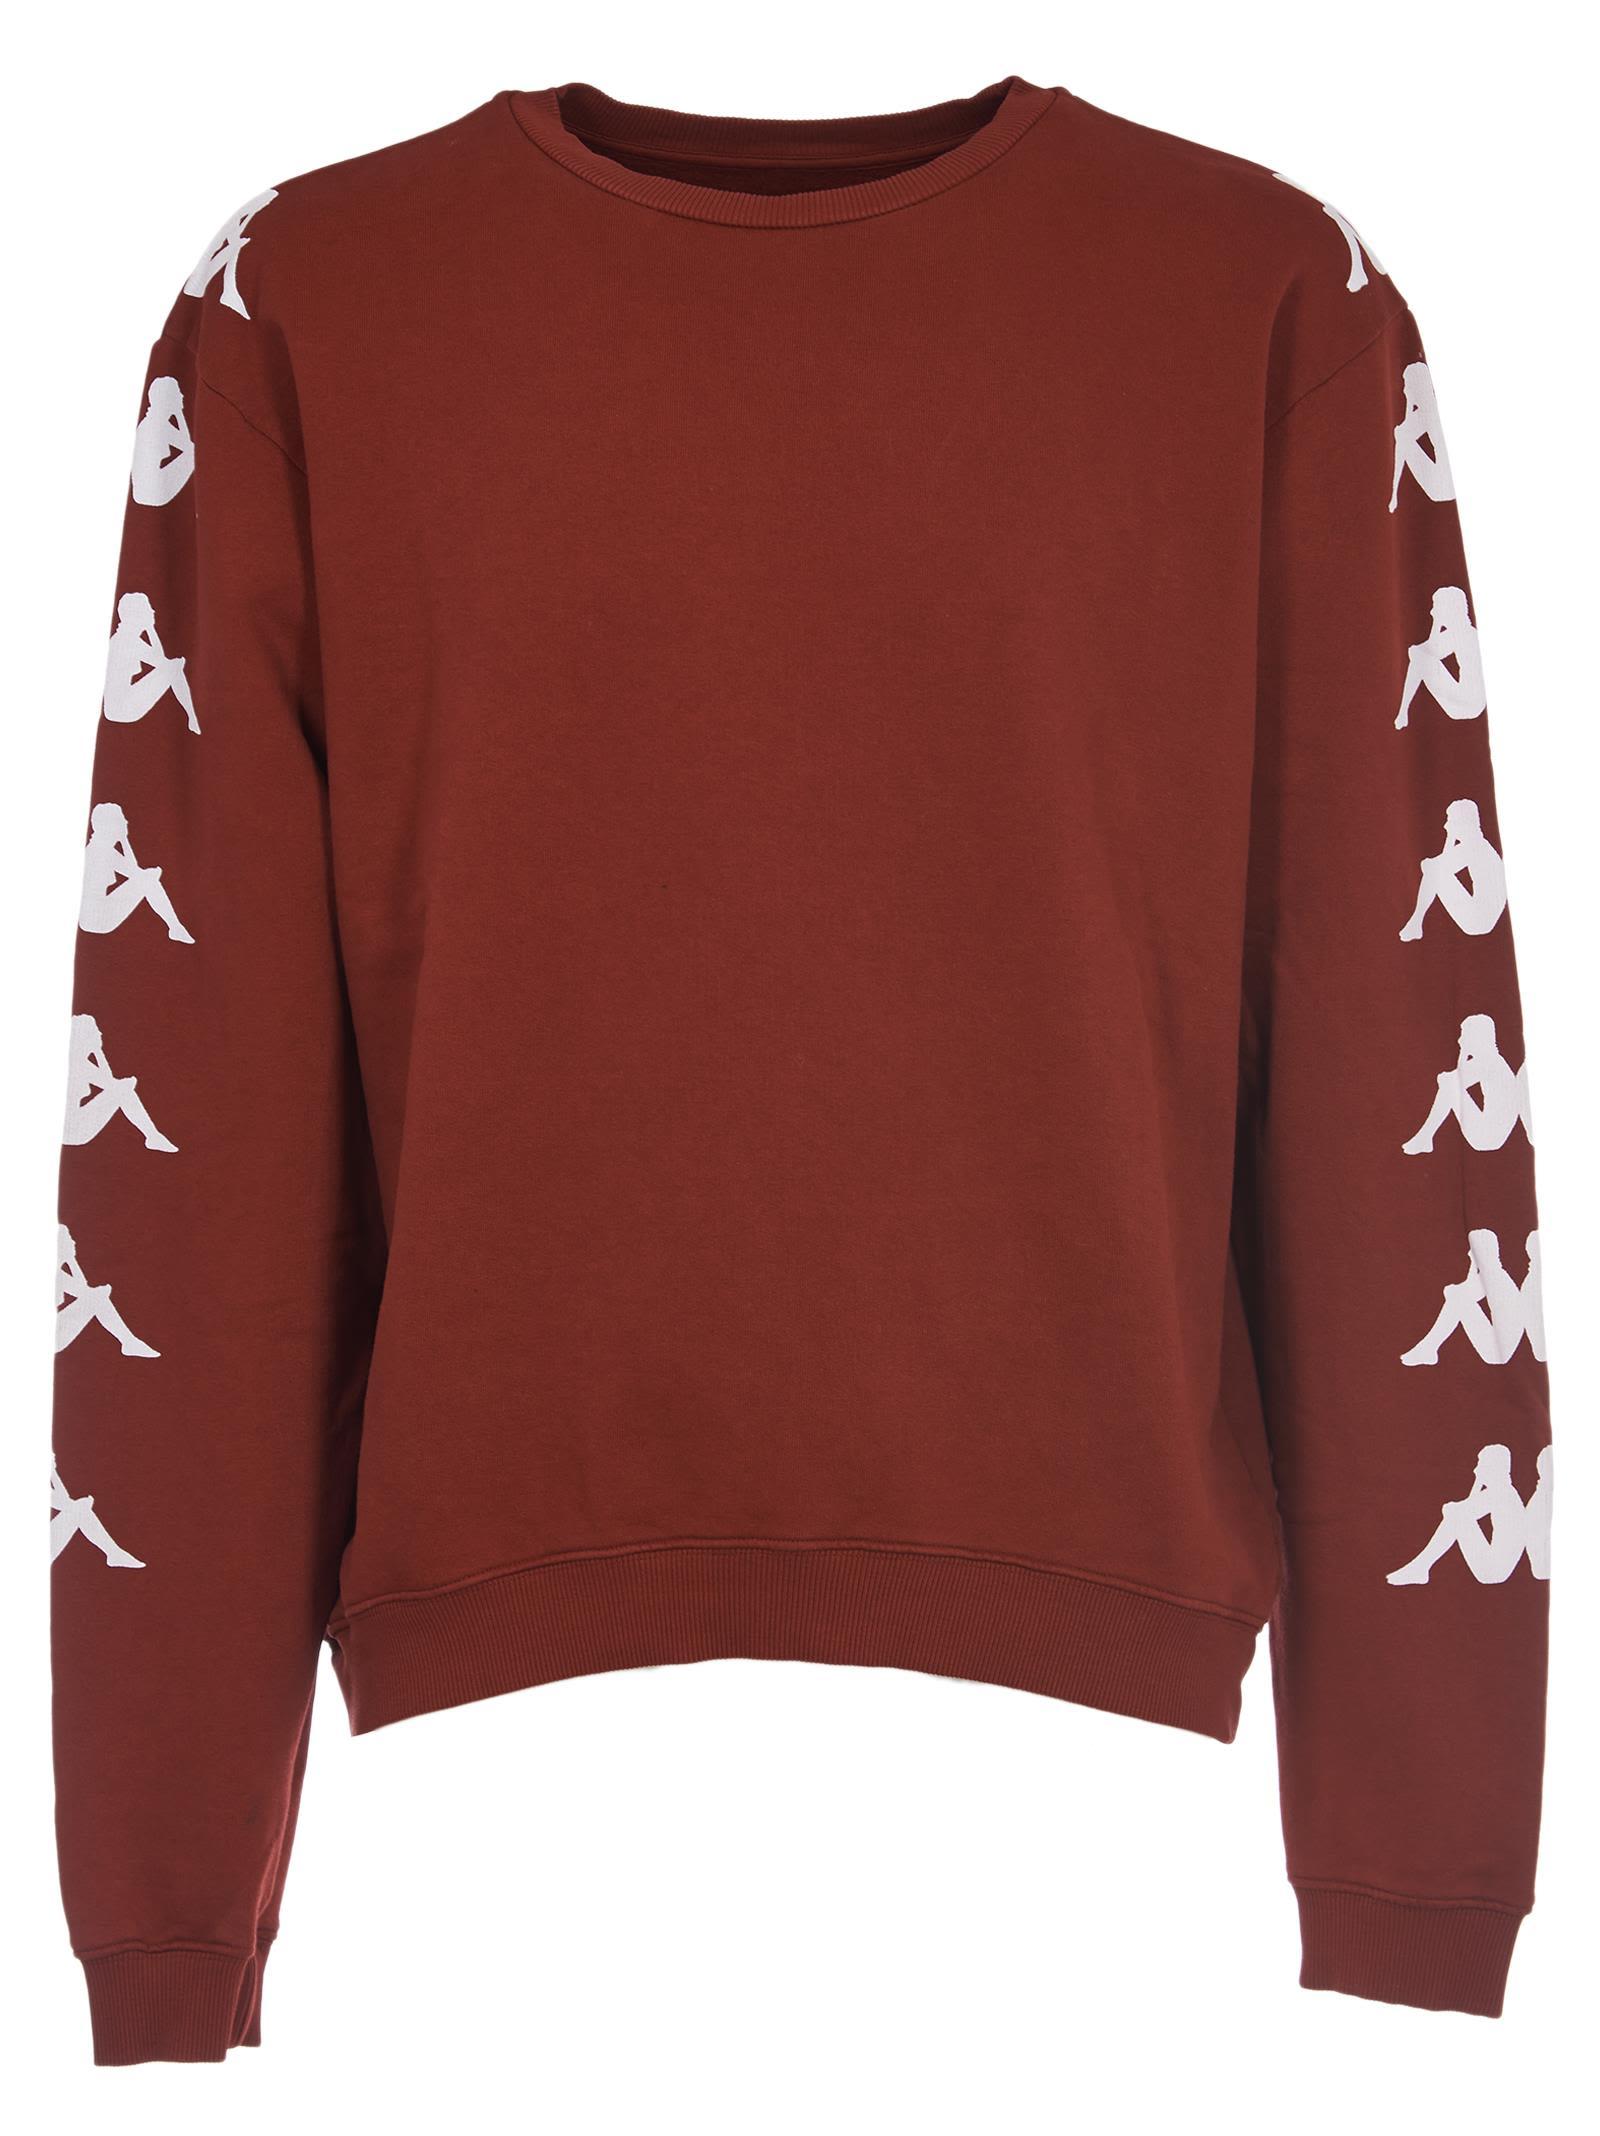 DANILO PAURA Logo Sleeve Sweatshirt in Bordeaux